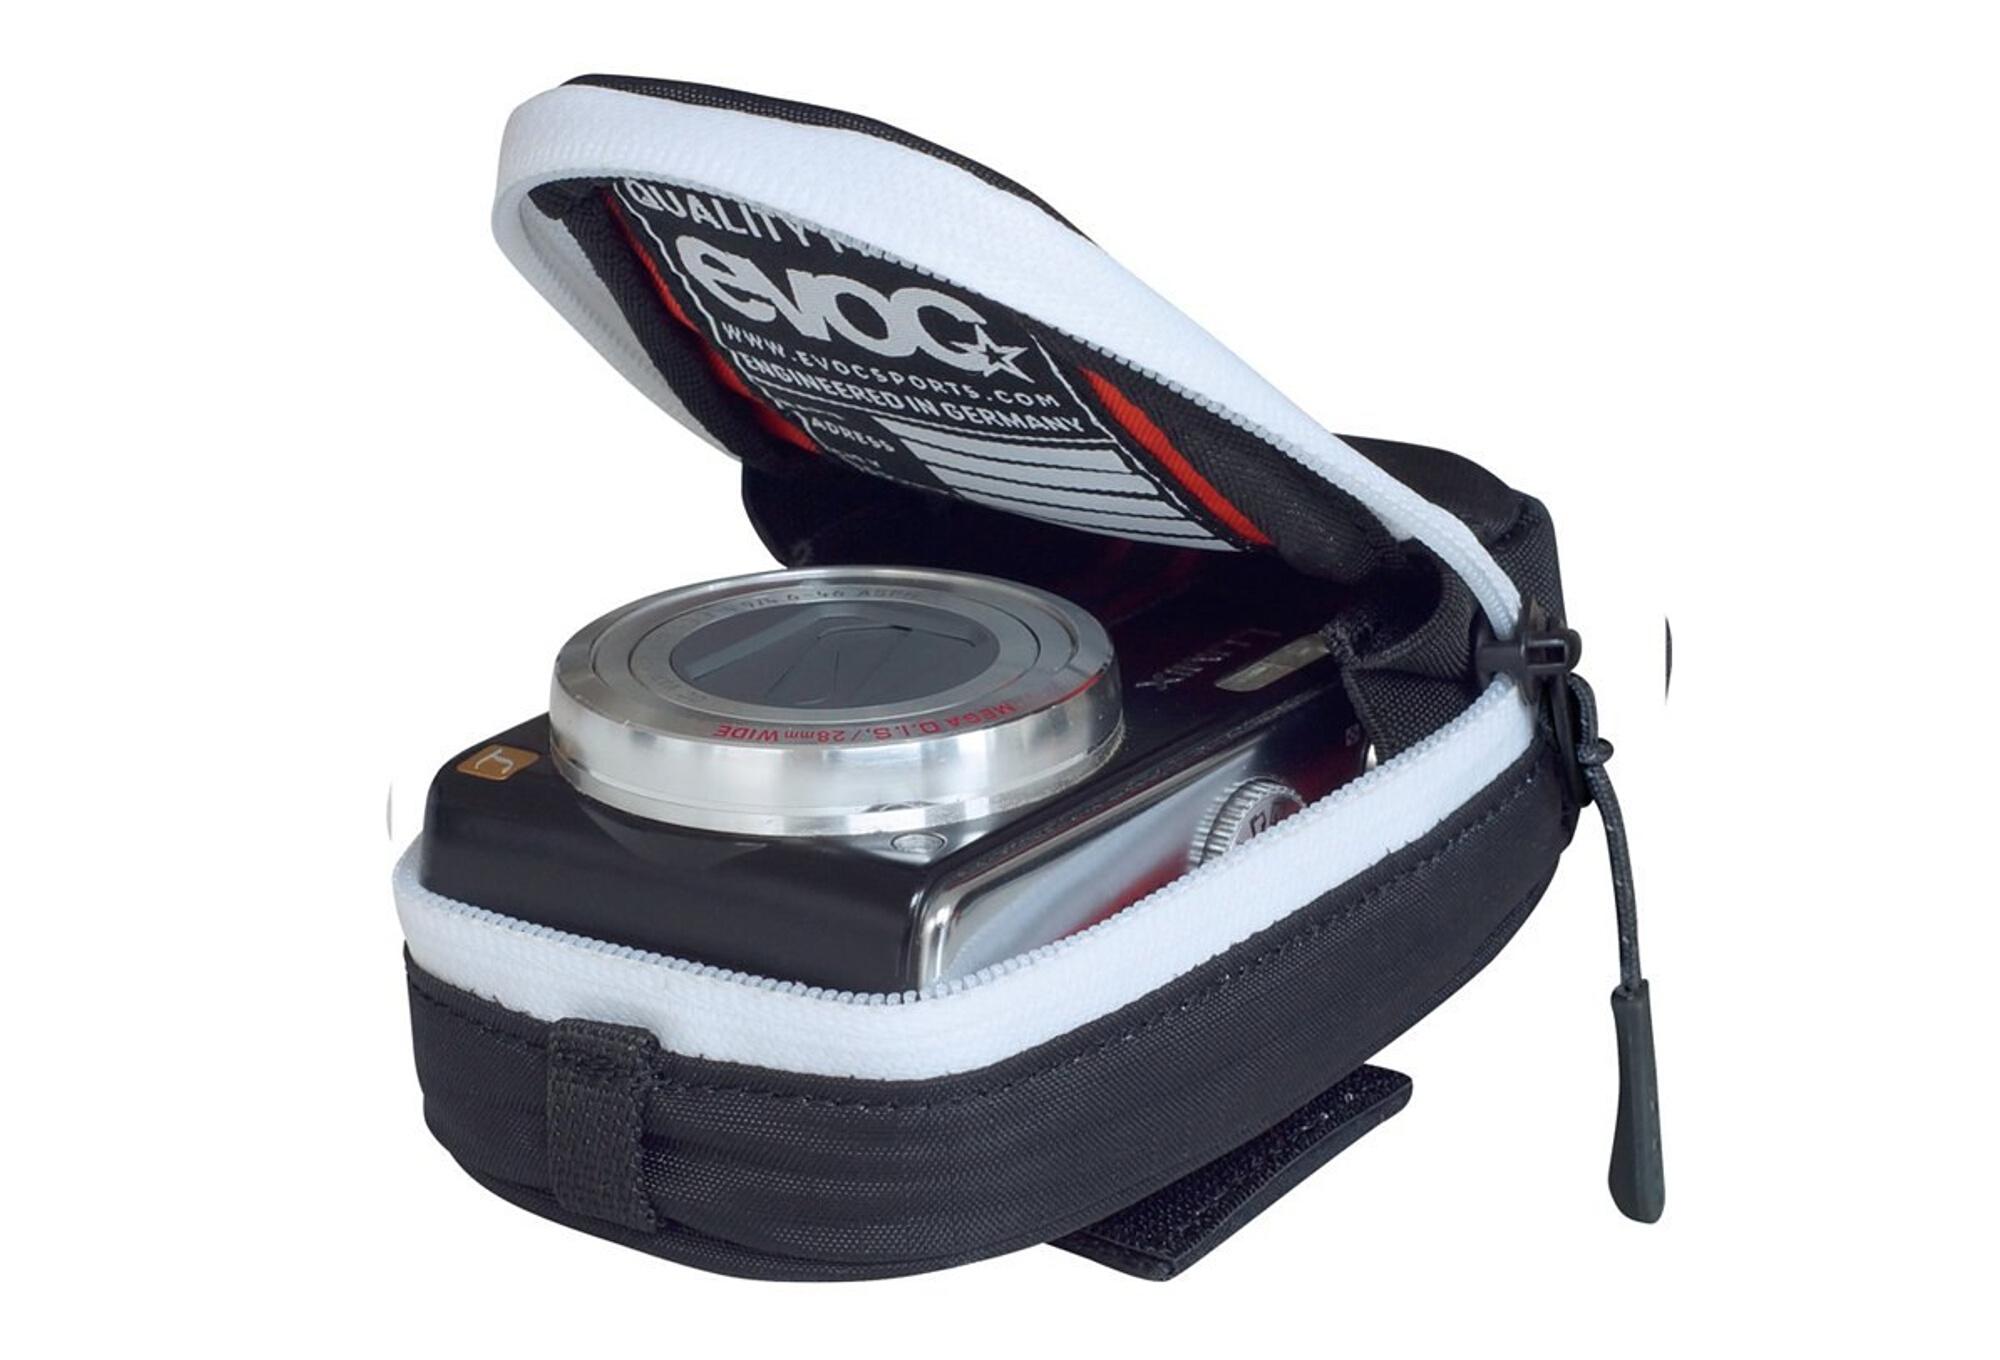 Housse appareils photo compacts evoc camera case 0 2l noir for Housse appareil photo compact